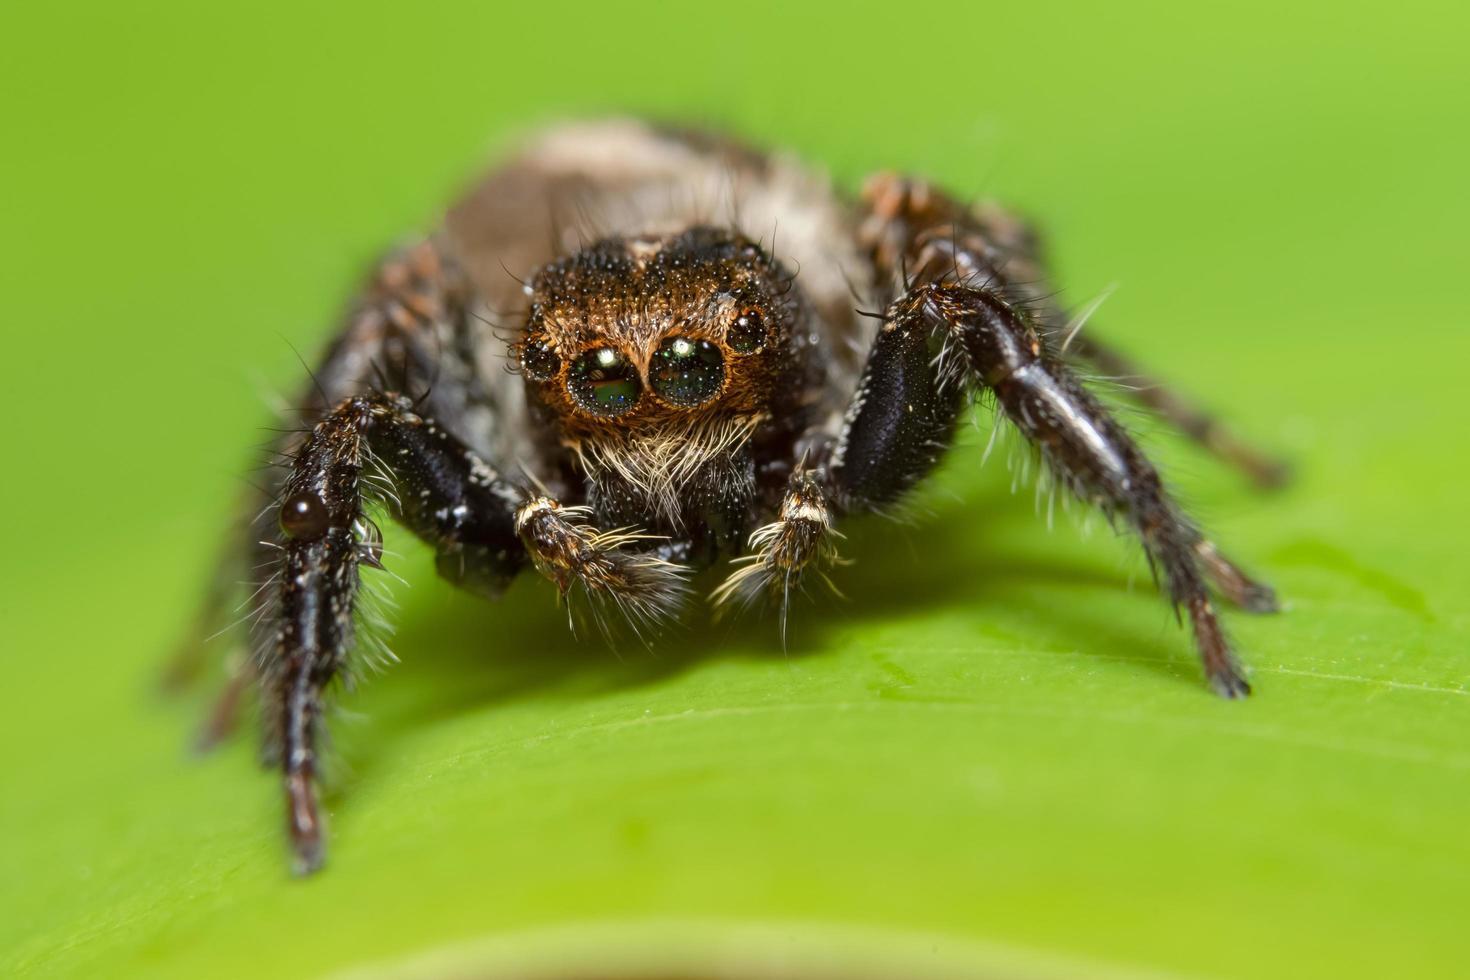 Araña macro sobre una hoja verde foto